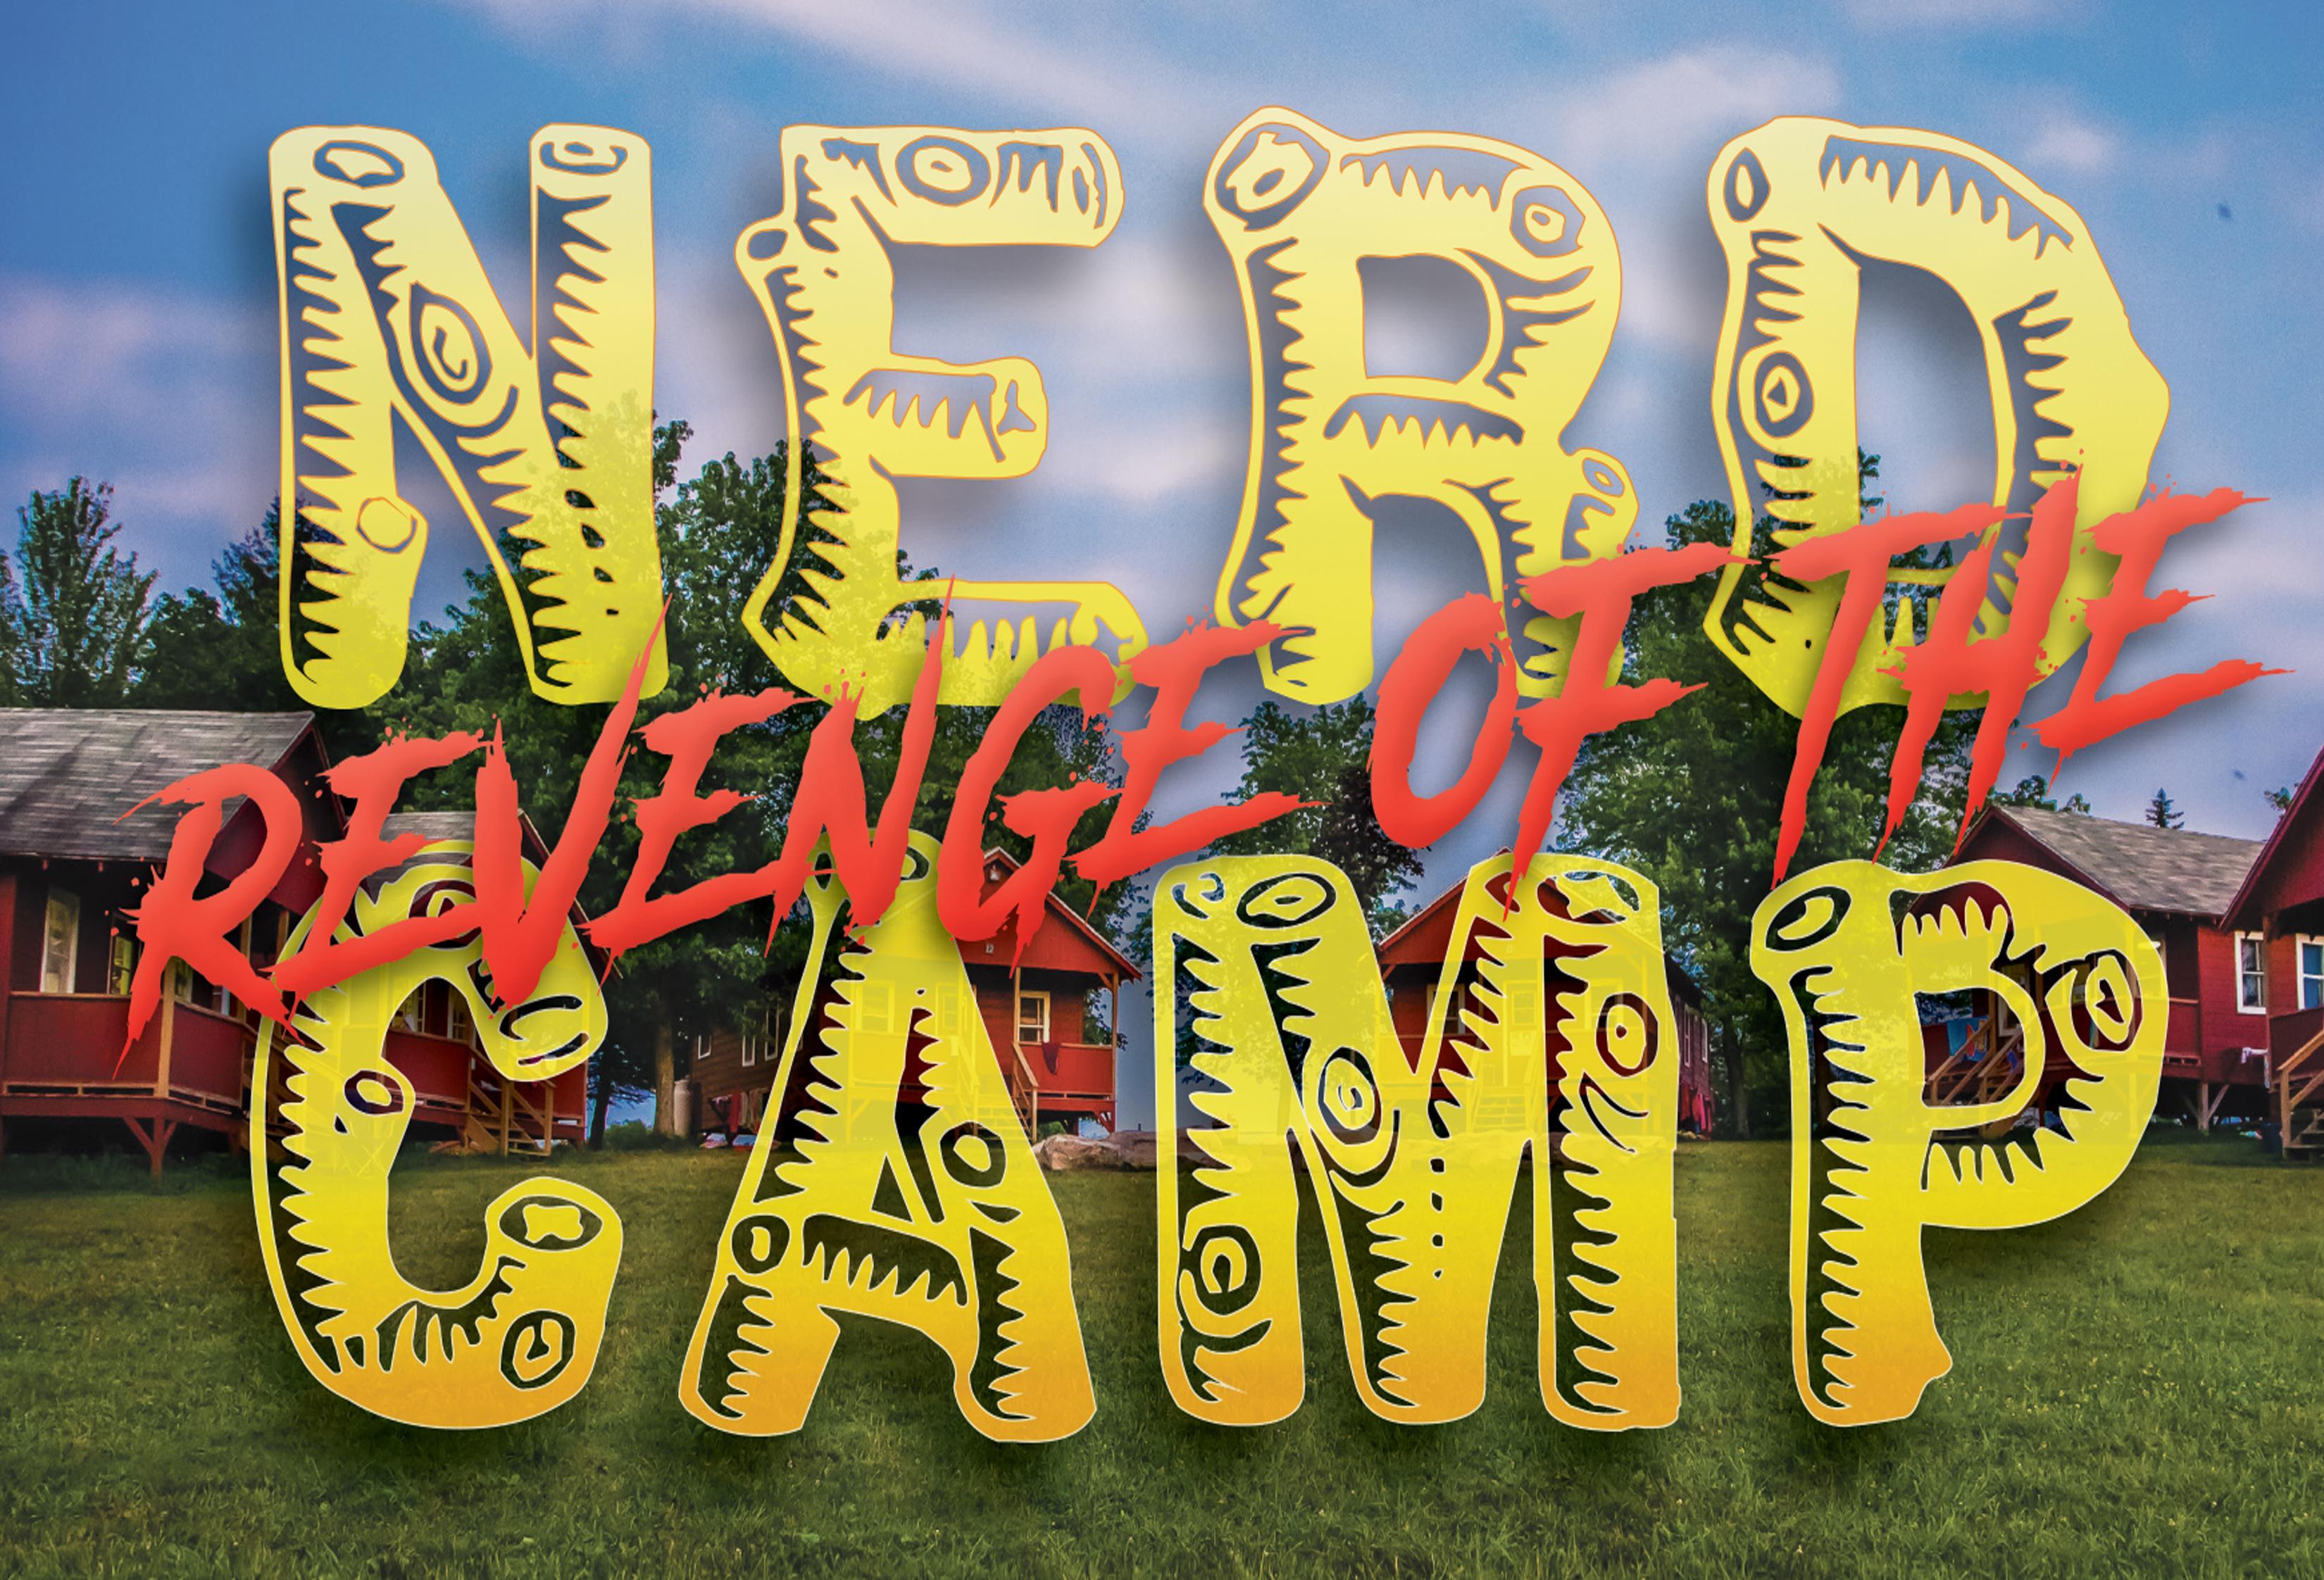 REVENGE OF THE NERD CAMP